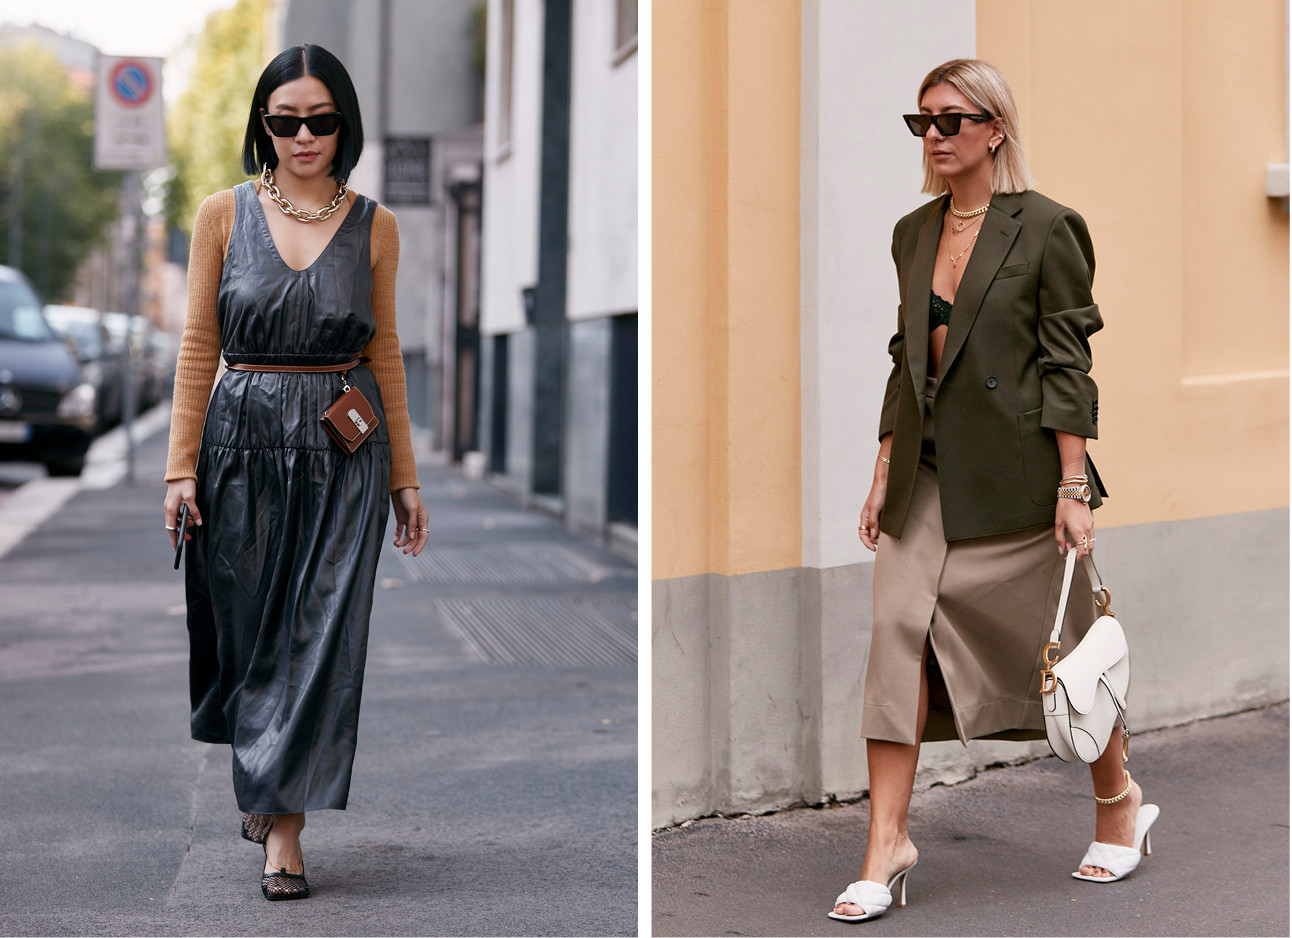 2 meiden waarvan er 1 een lange donkere jurk draagt en 1tje een bruine rok draagt met een groene top erop